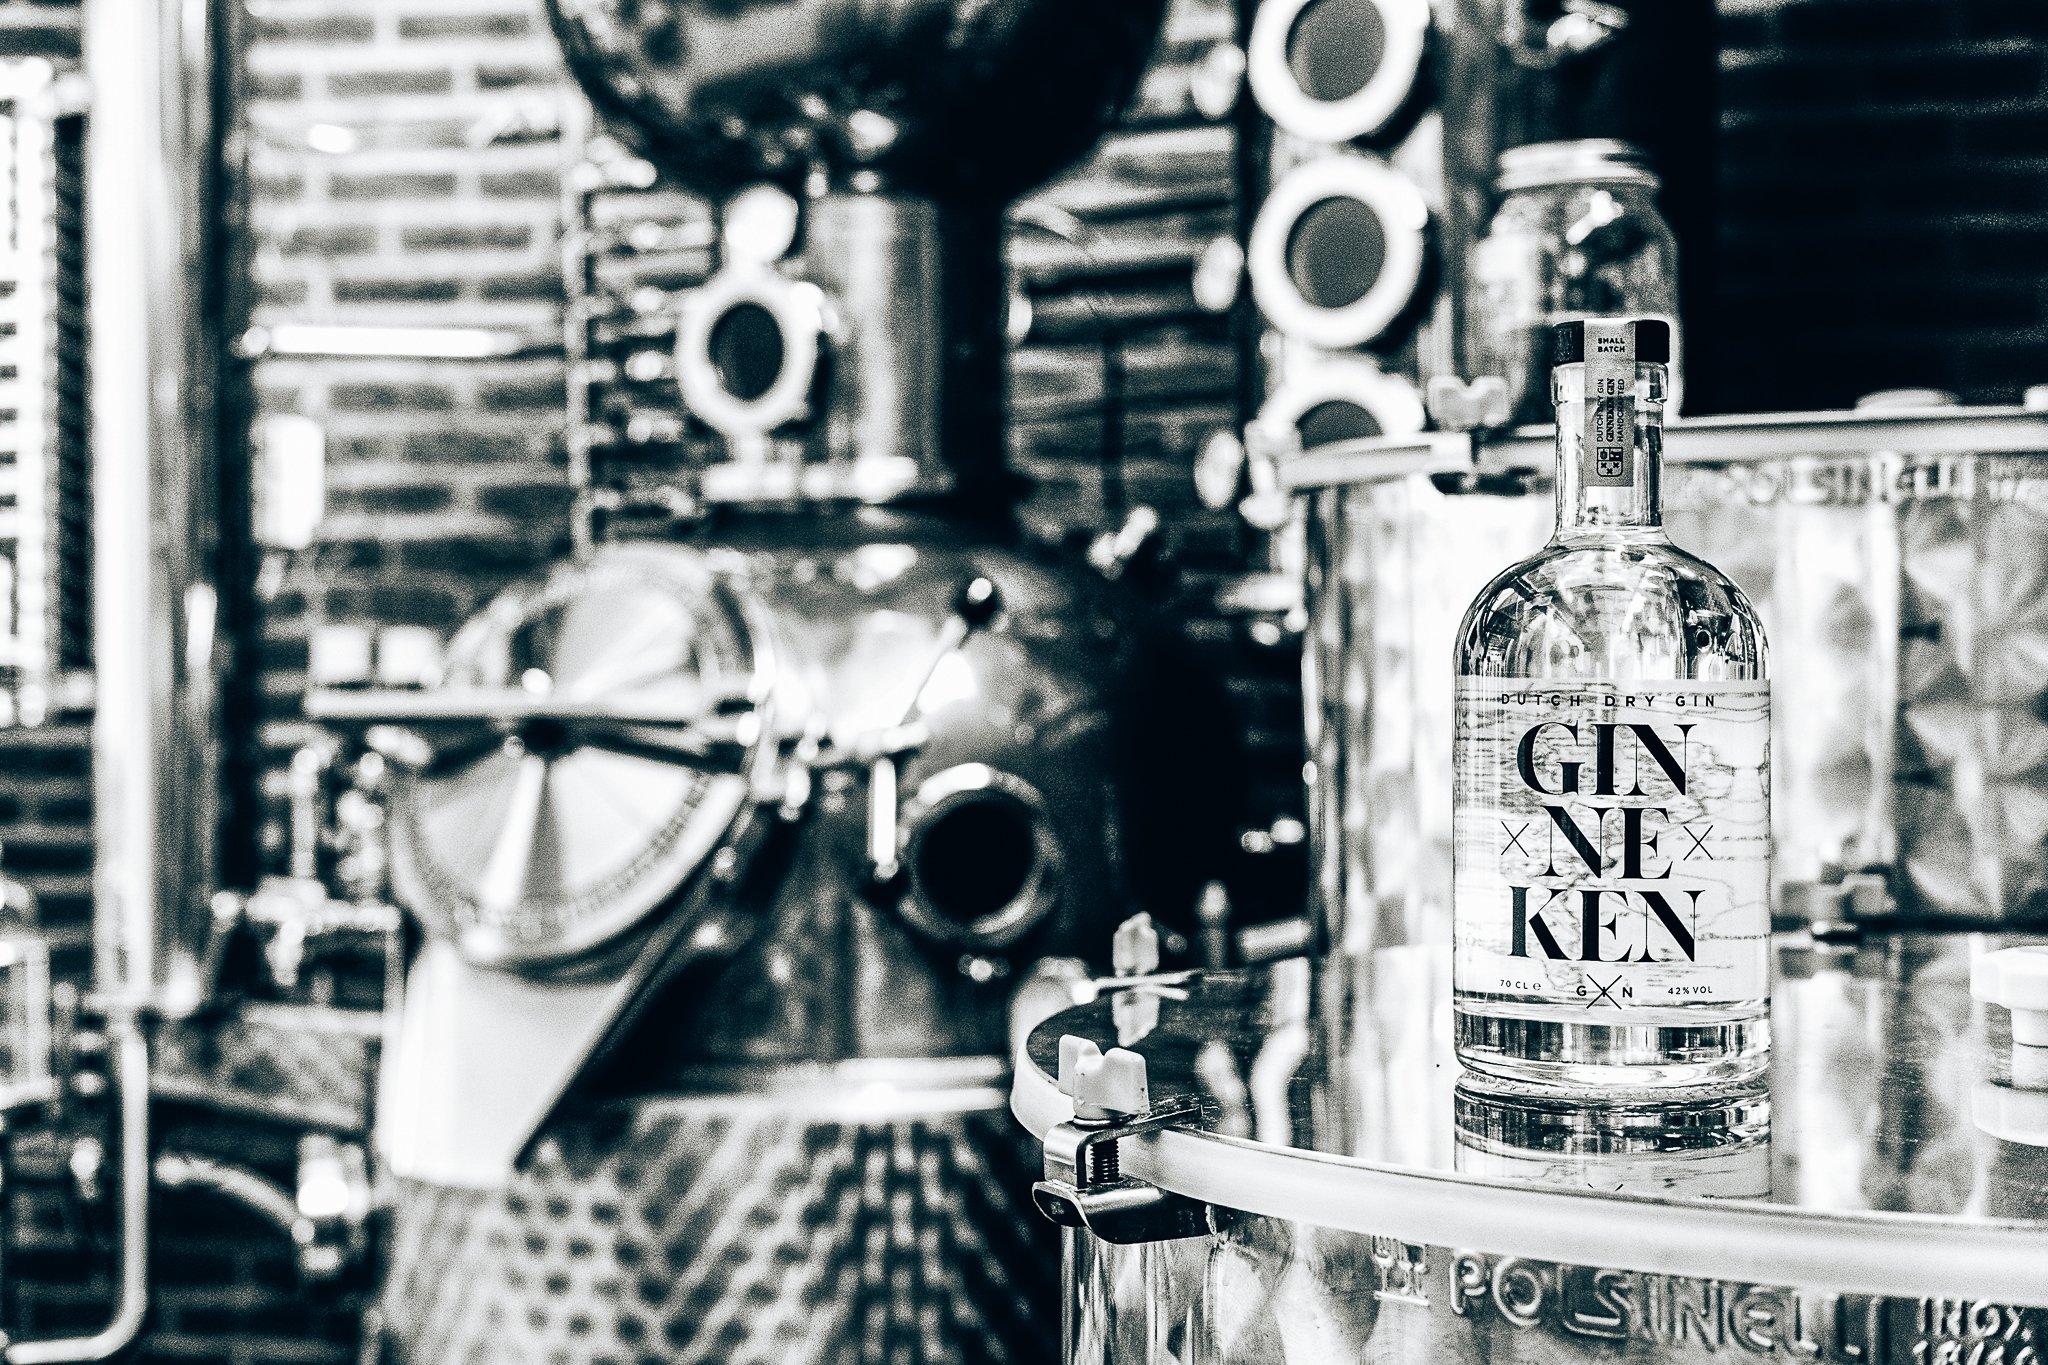 De Bottle Distillery, Ginneken Gin, Alles over gin.